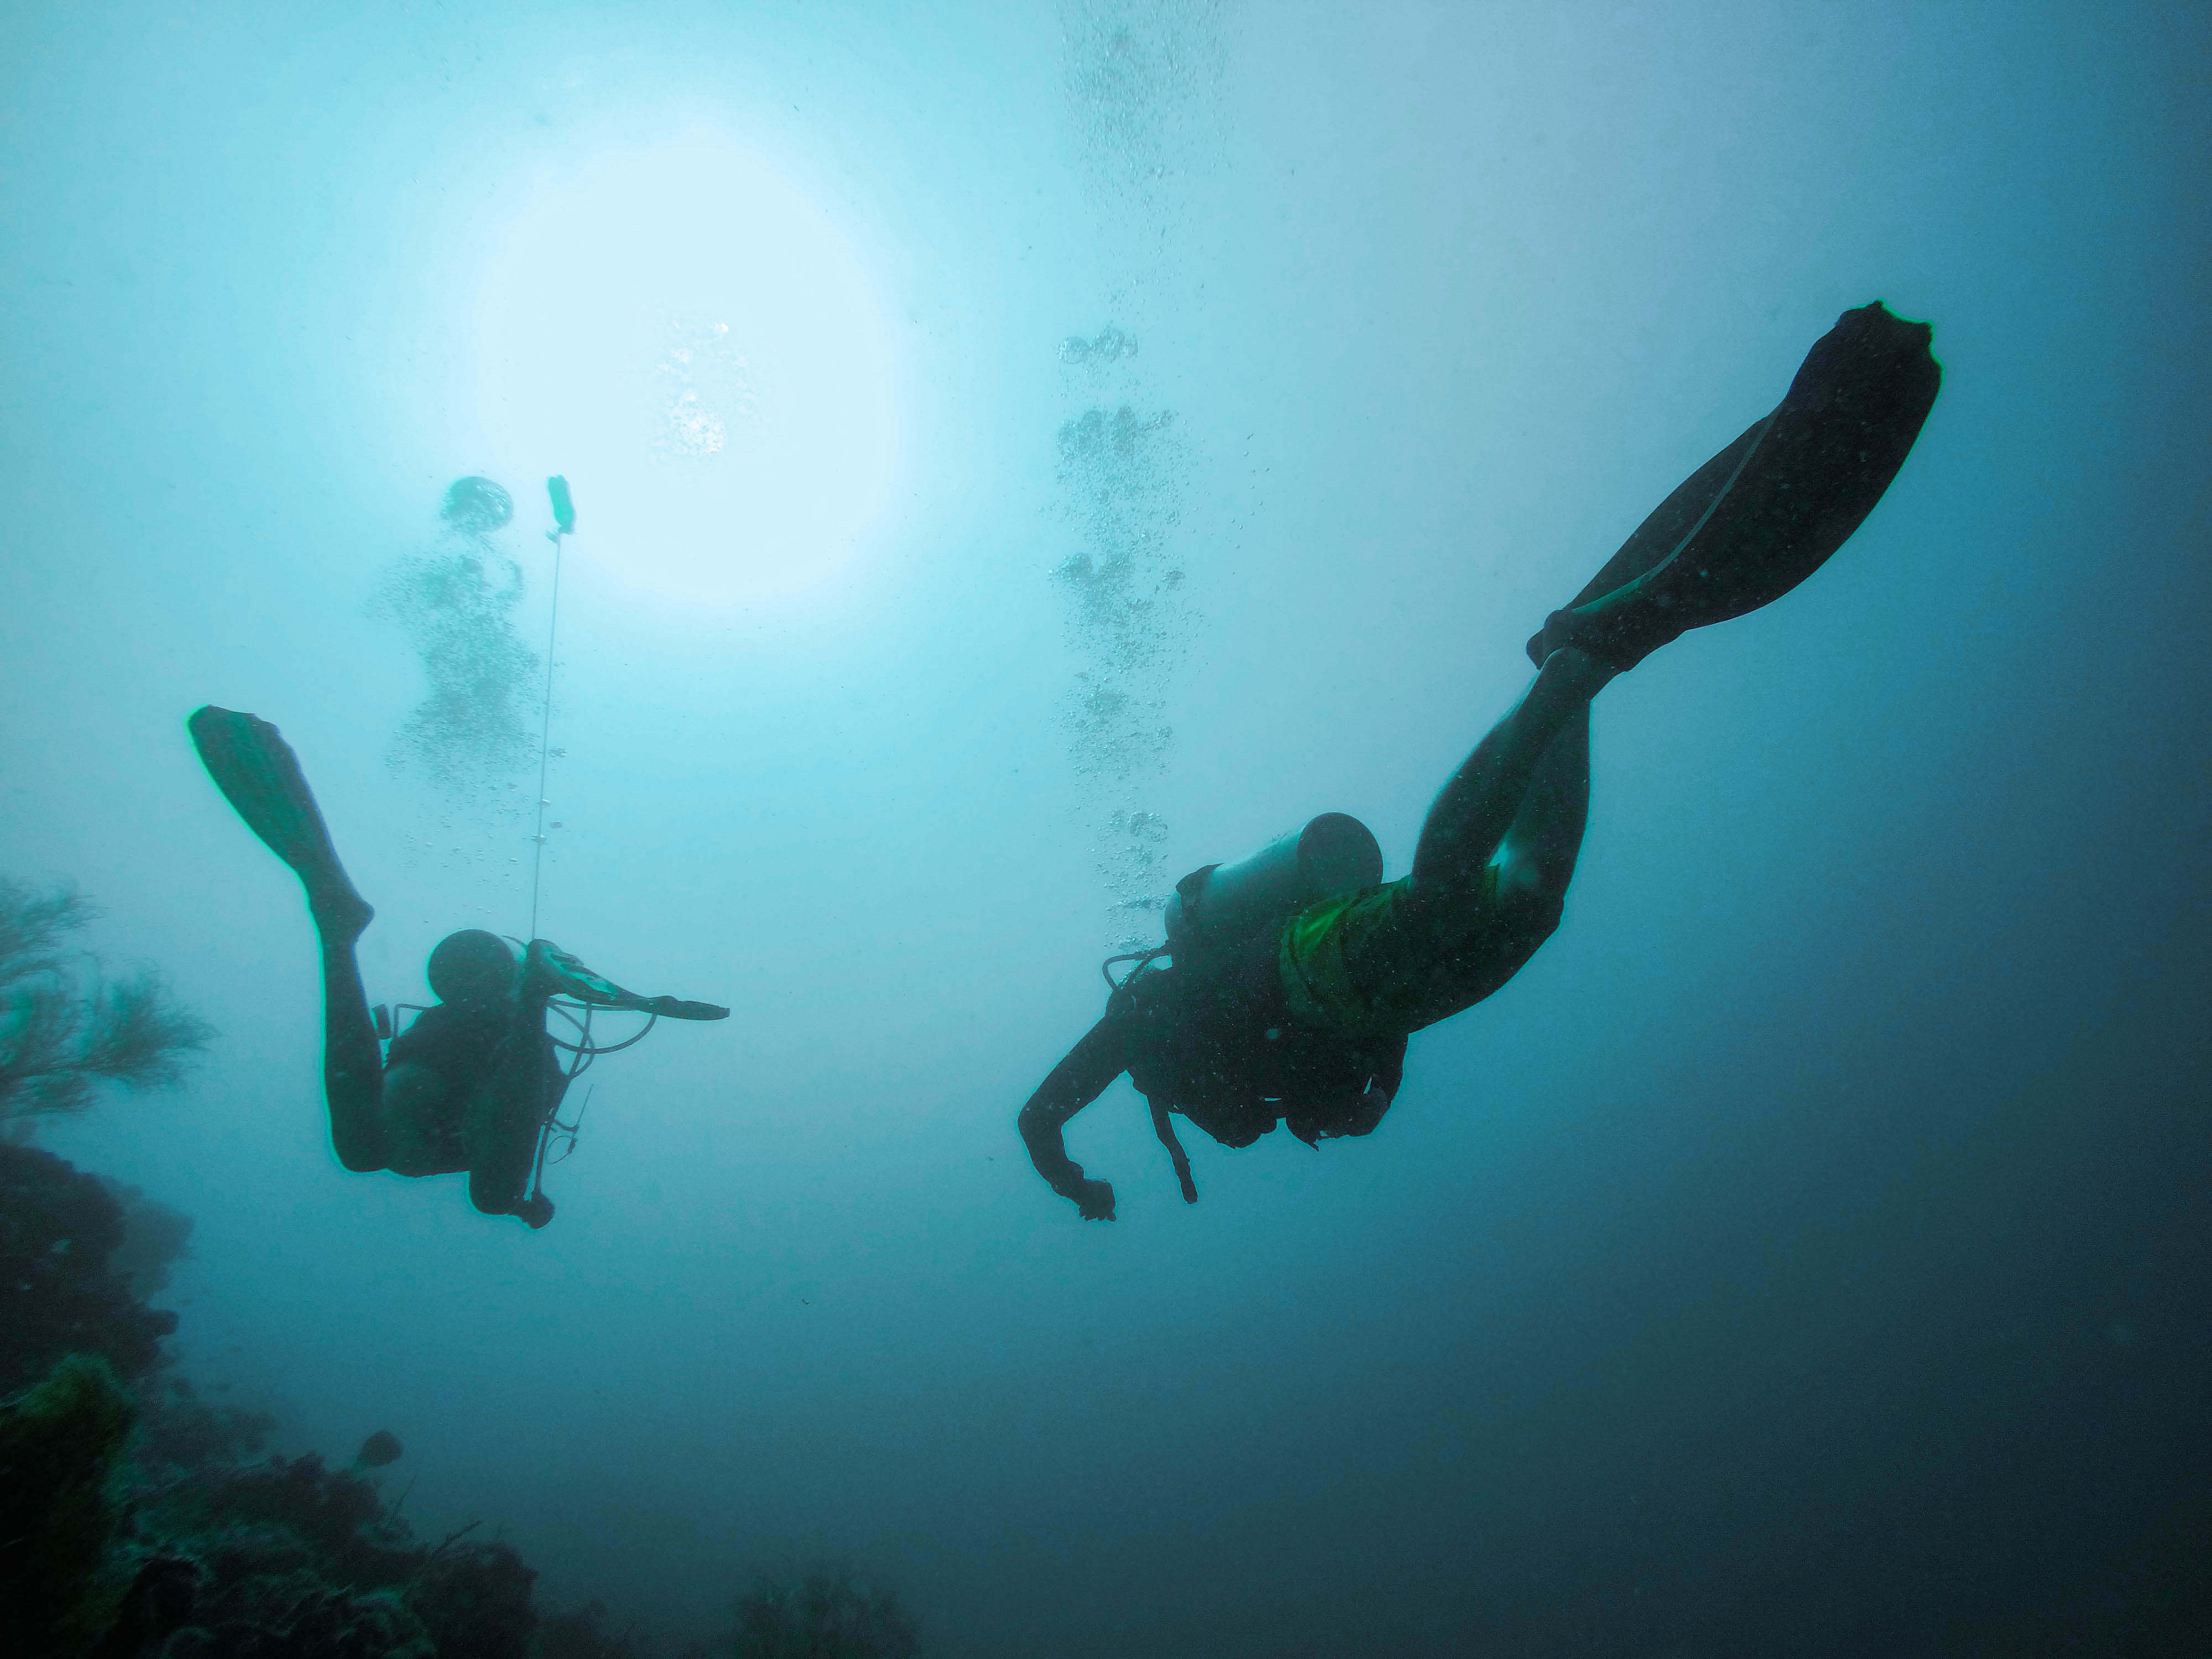 potápění - osobní zkušenosti - Lenka Martincová foto